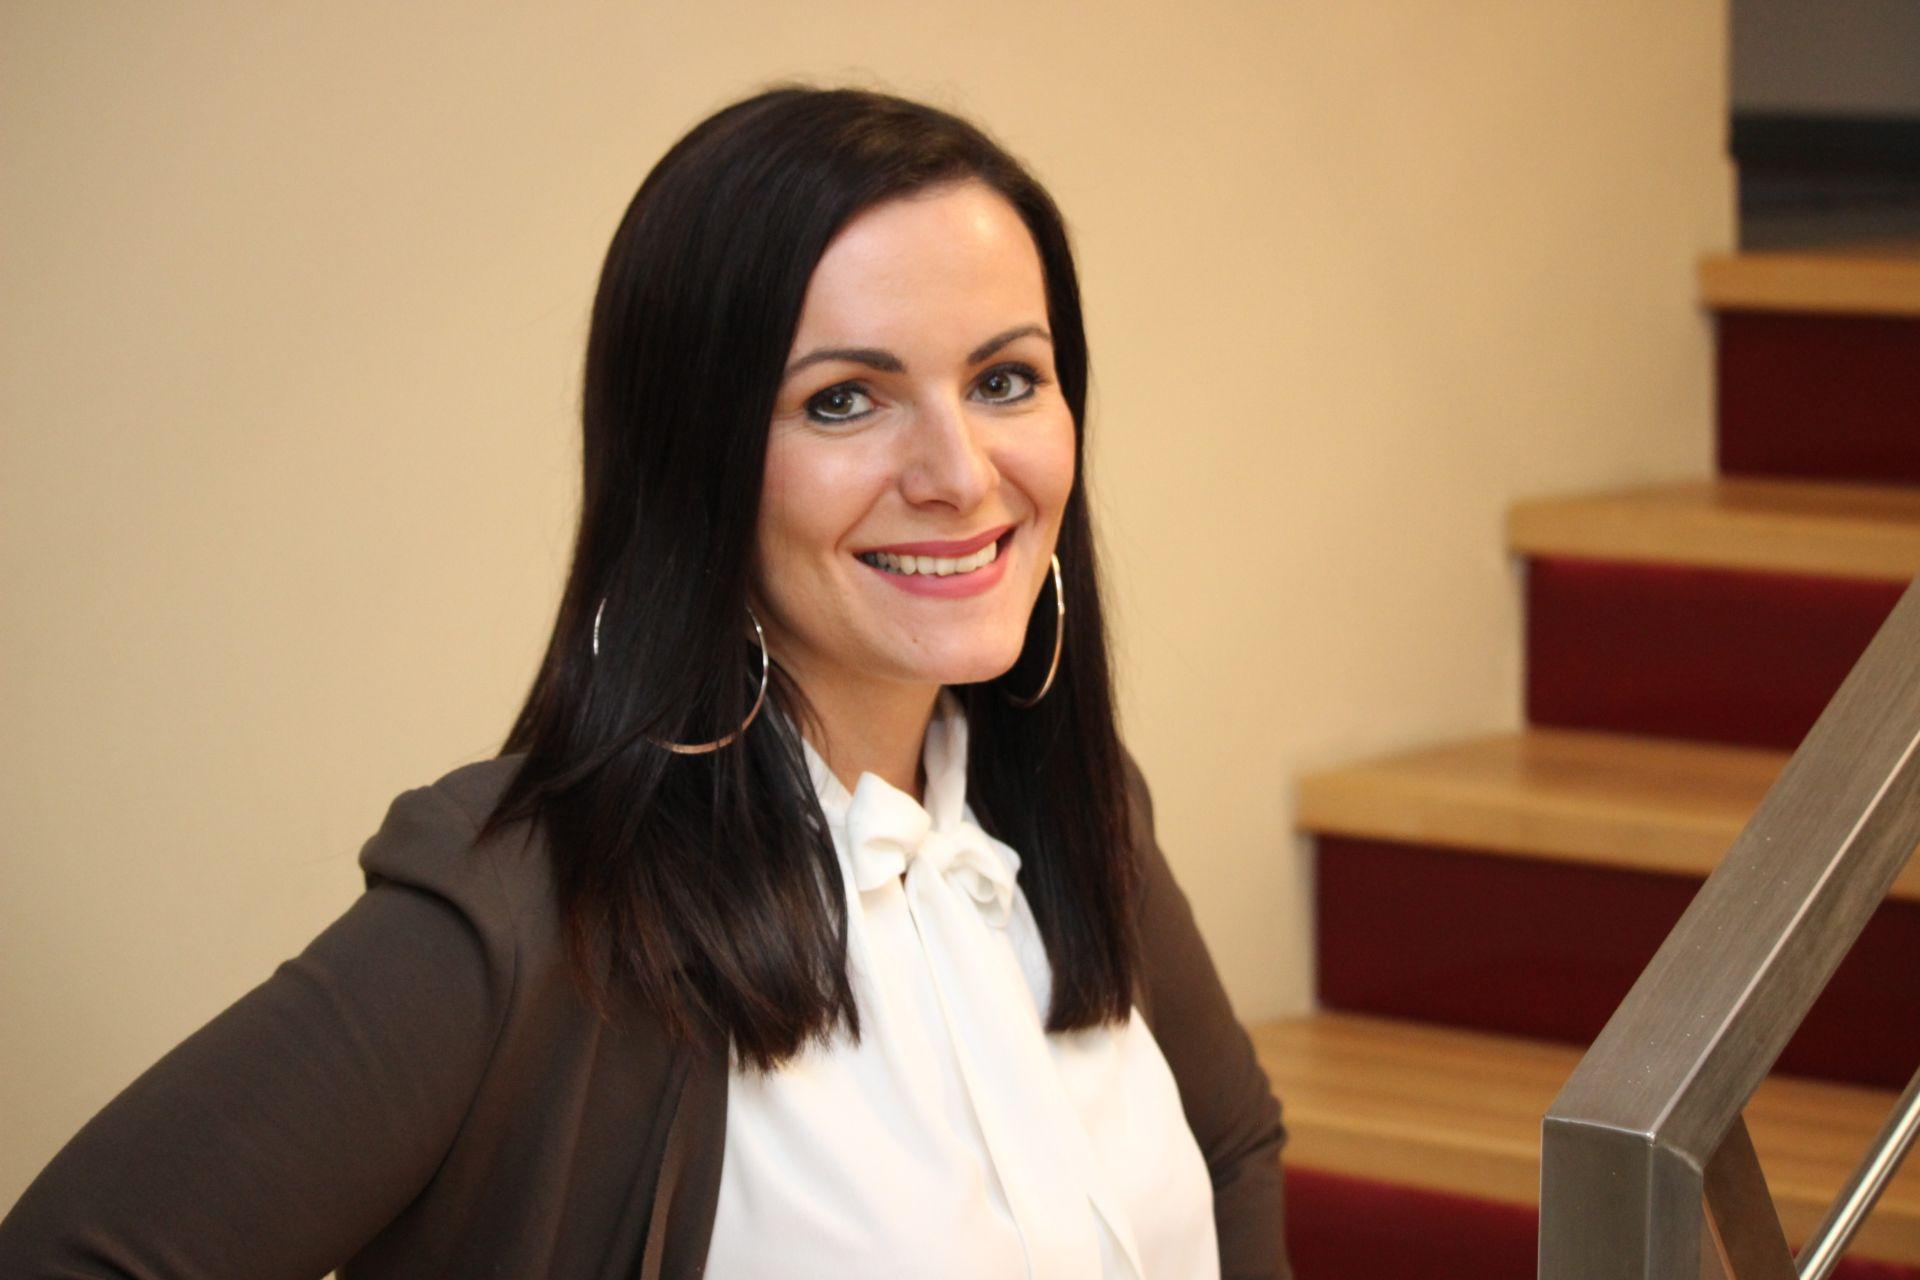 Karin Schweighofer